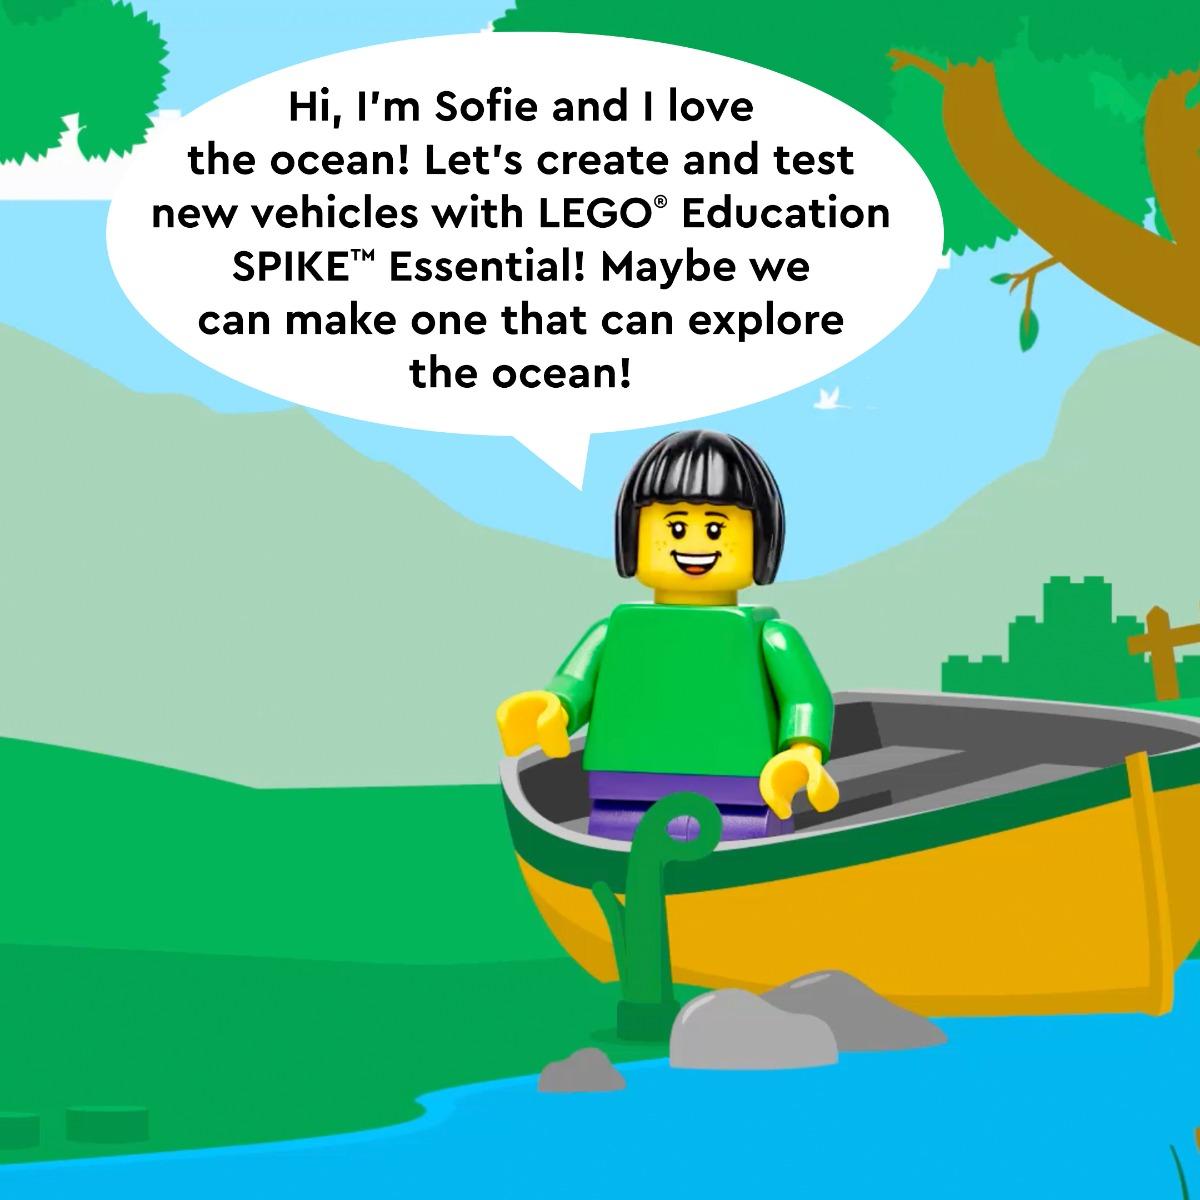 LEGO Education Spike Essential